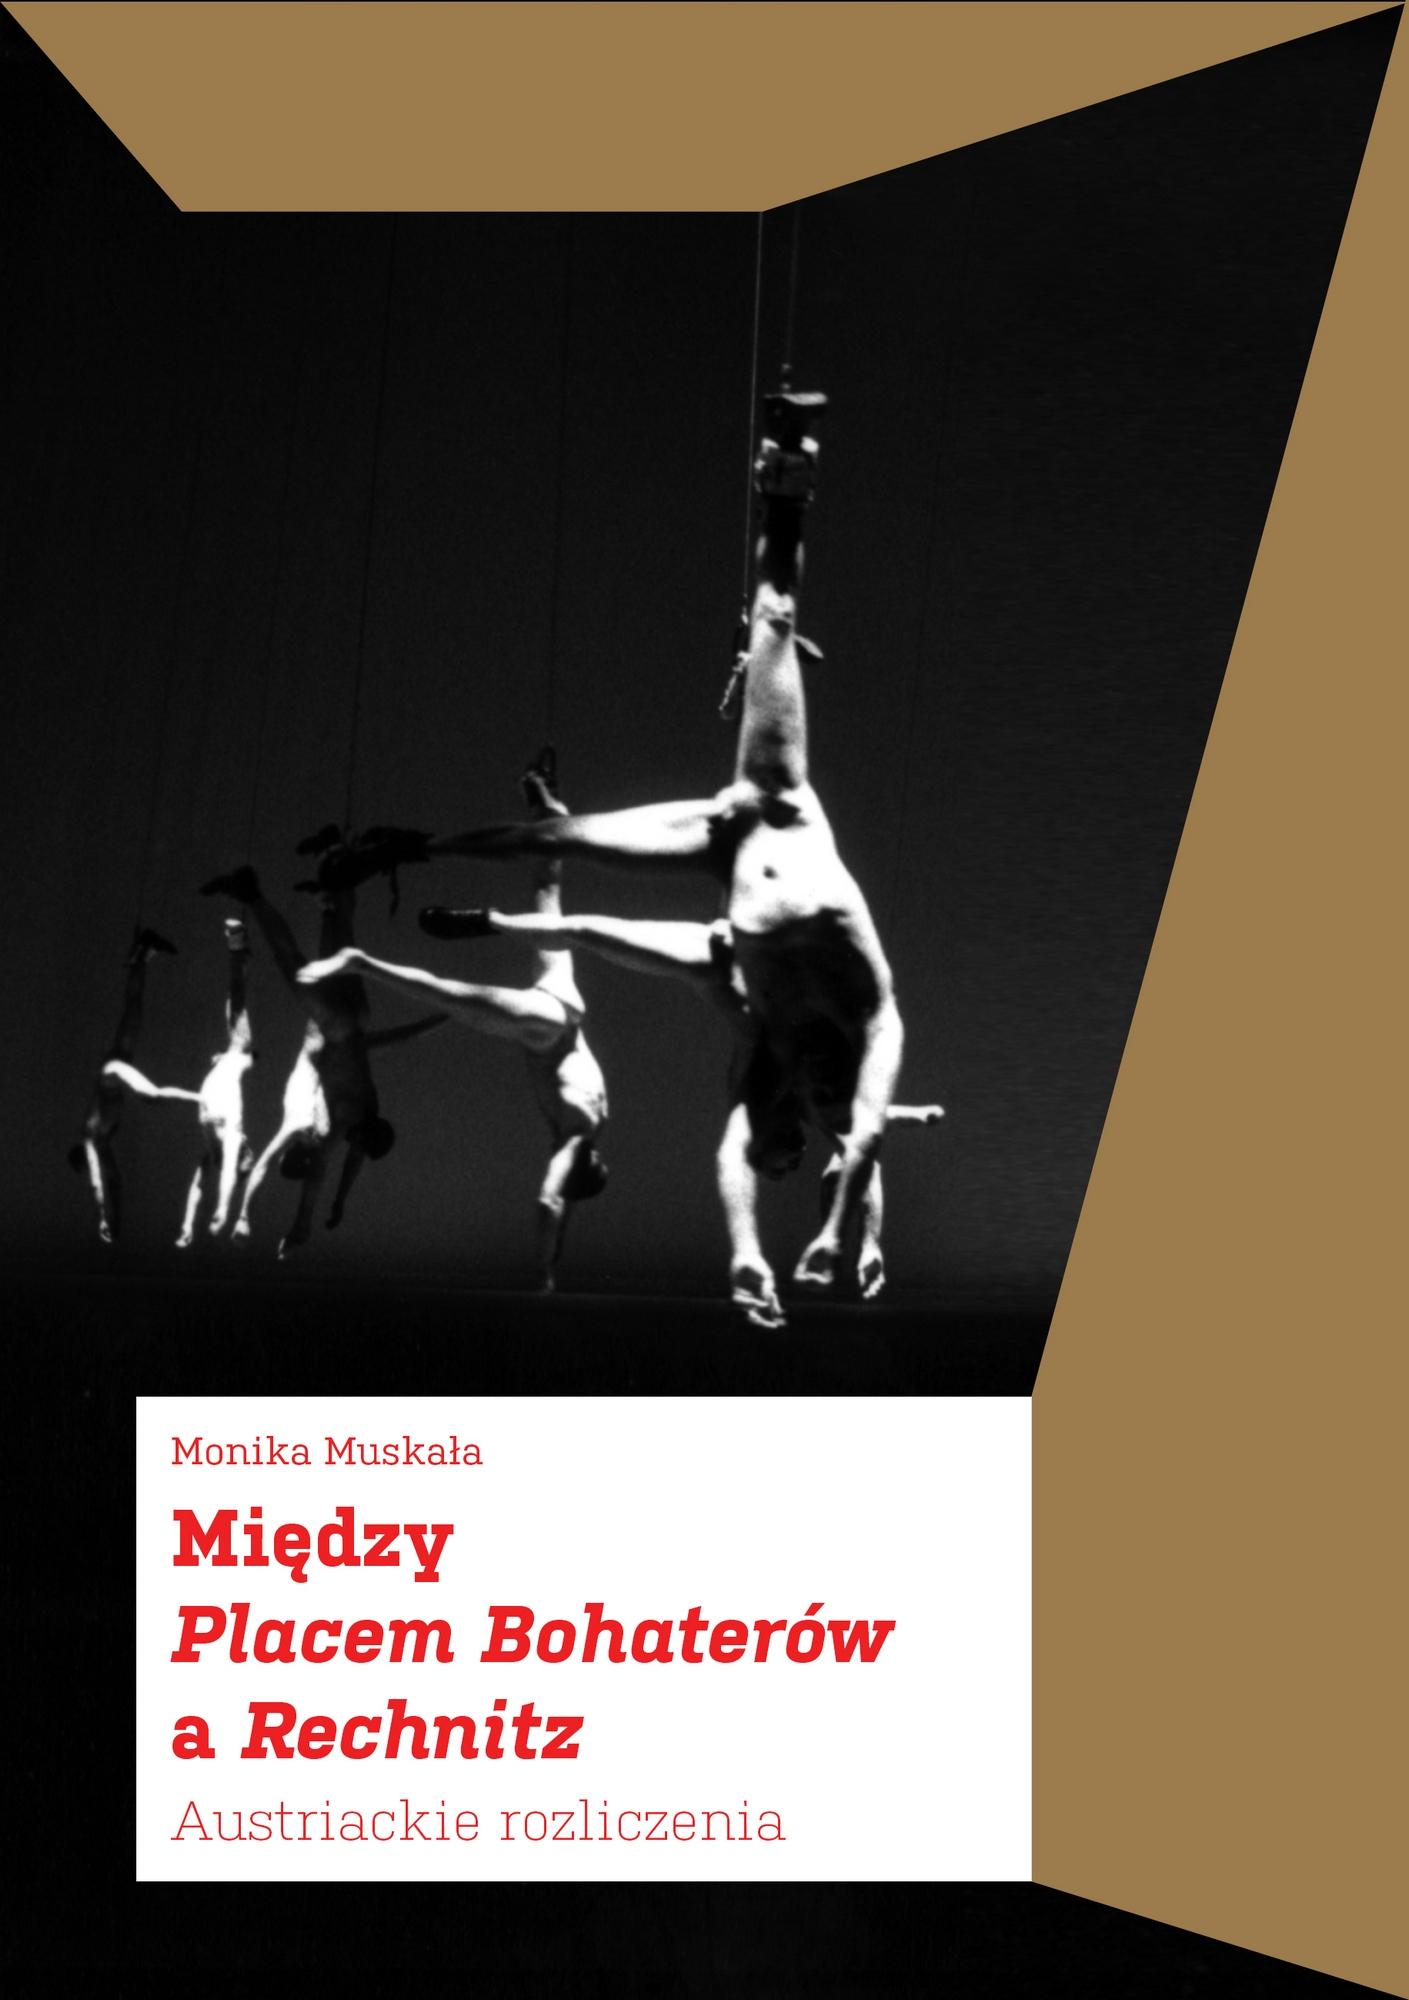 """Monika Muskała, """"Między Placem Bohaterów a Rechnitz. Austriackie rozliczenia"""" – okładka (źródło: materiały prasowe wydawcy)"""